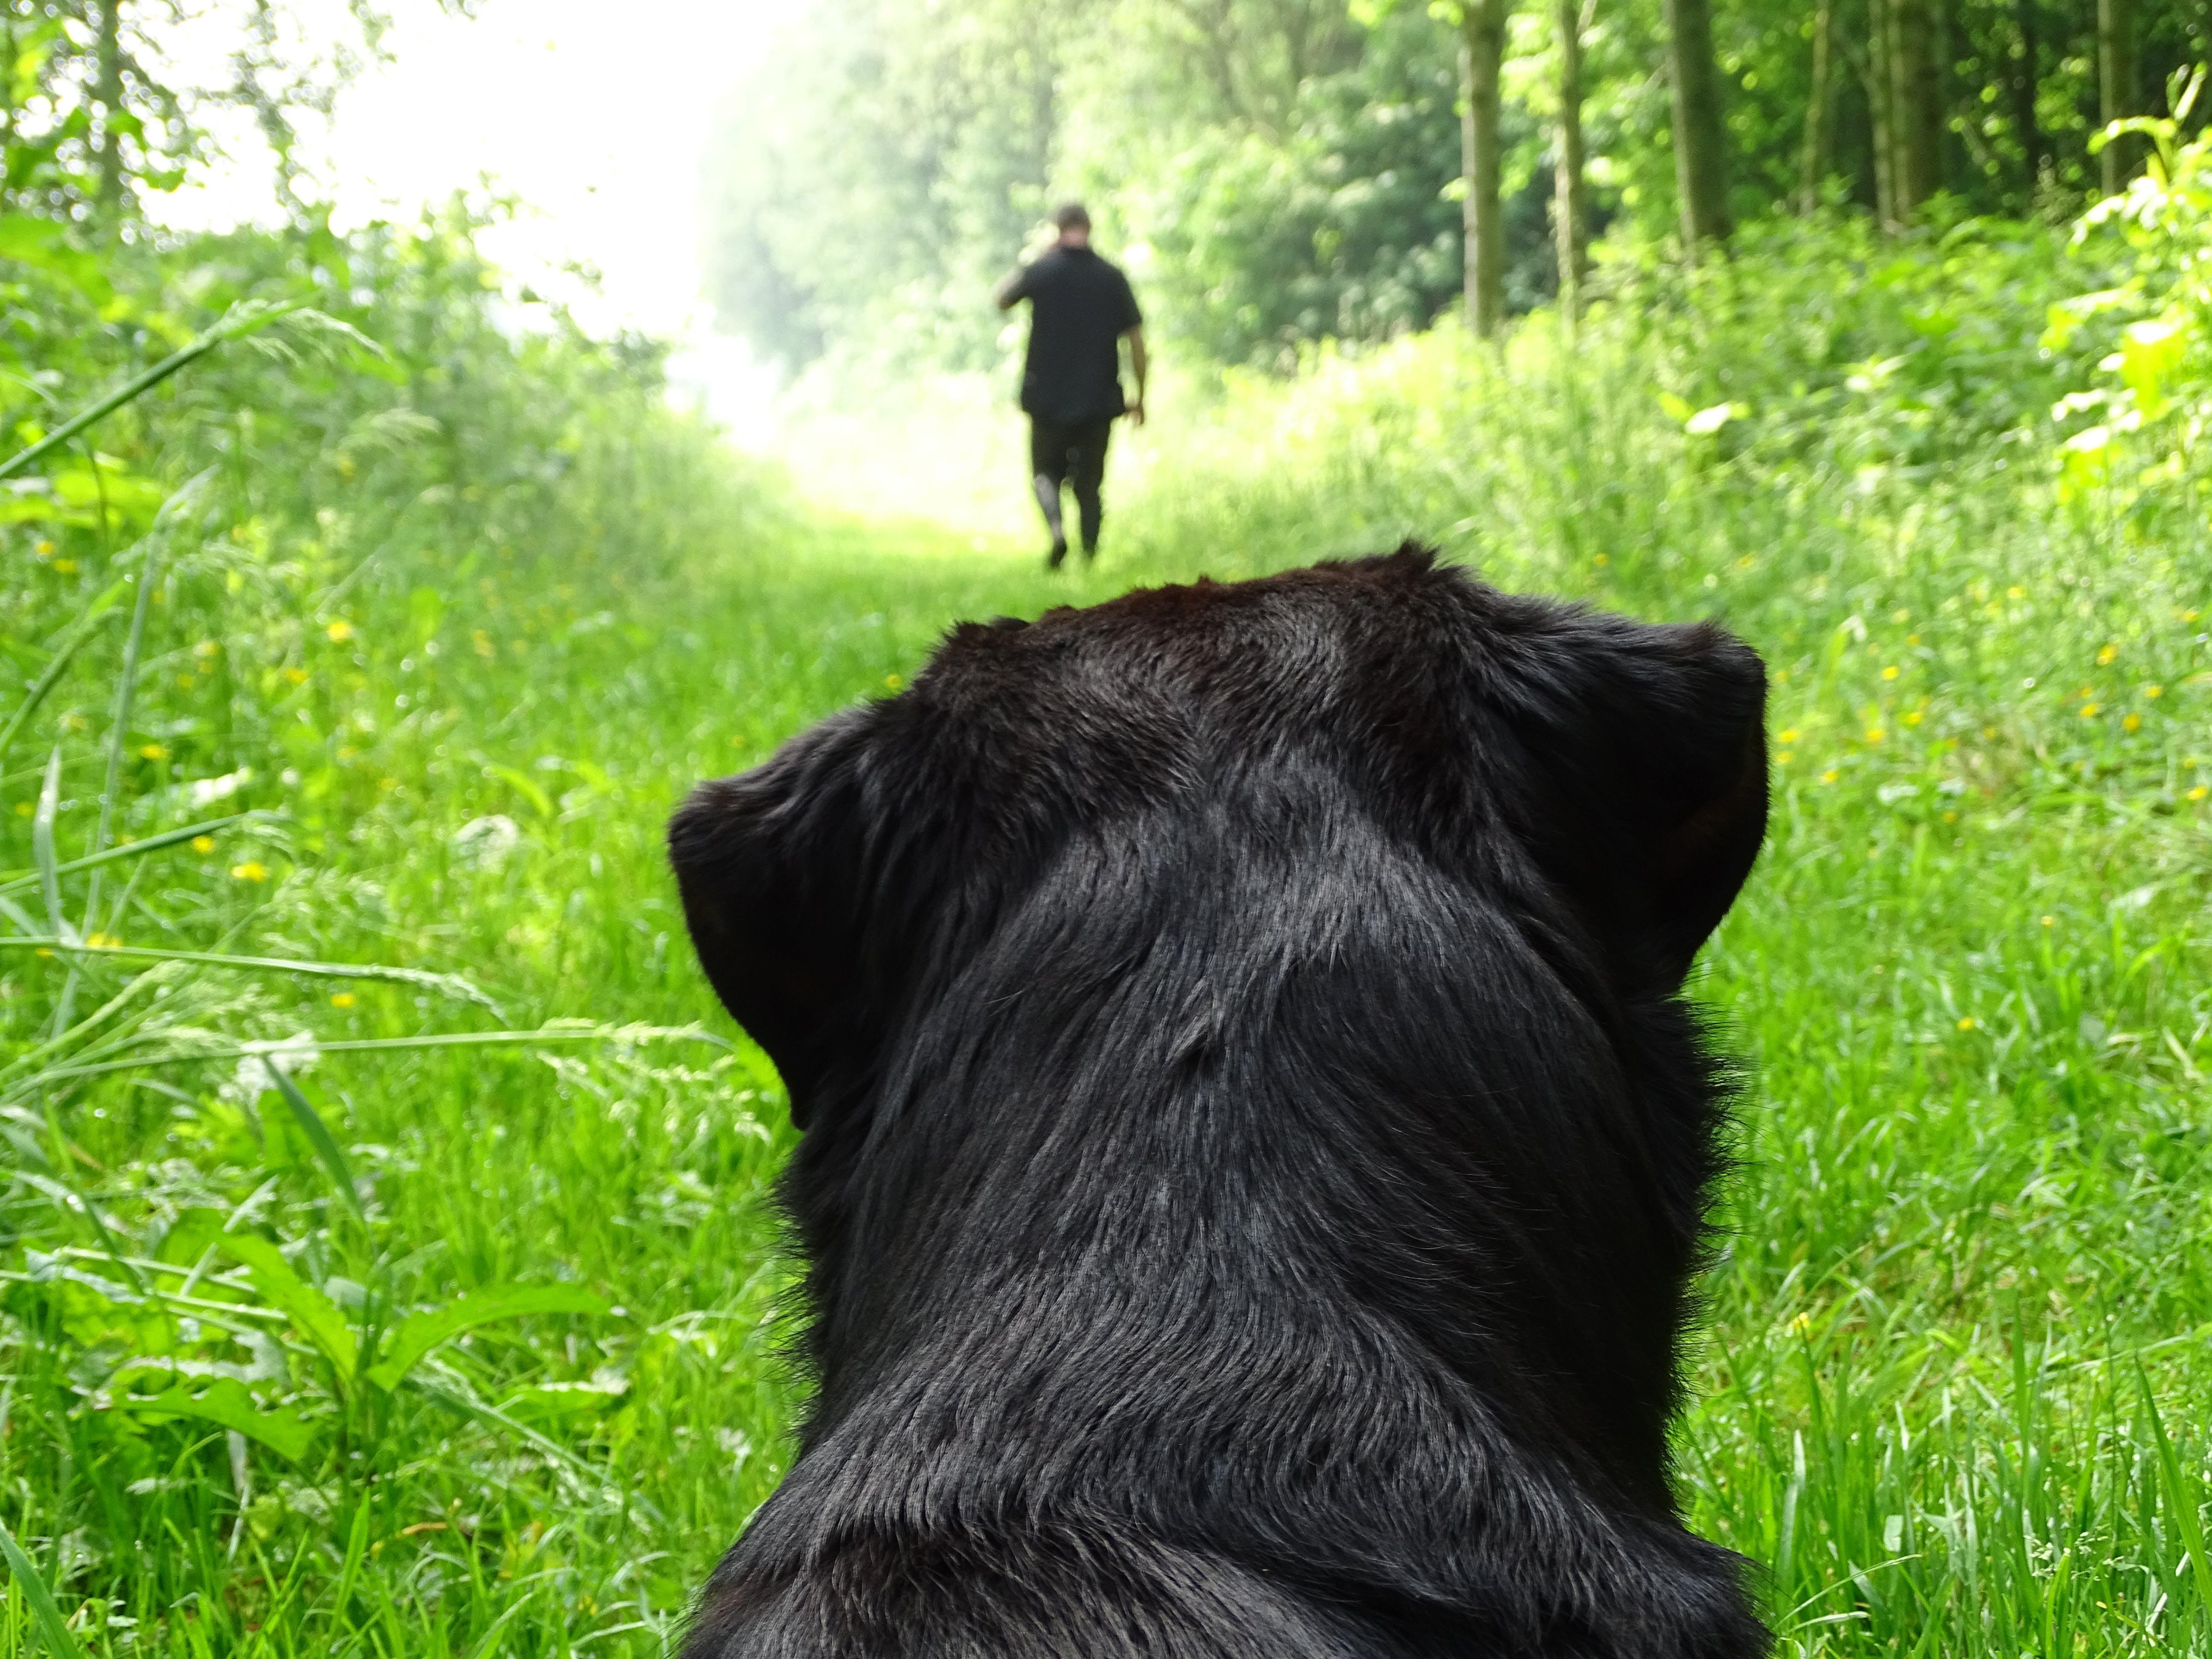 animal, animal photography, back view